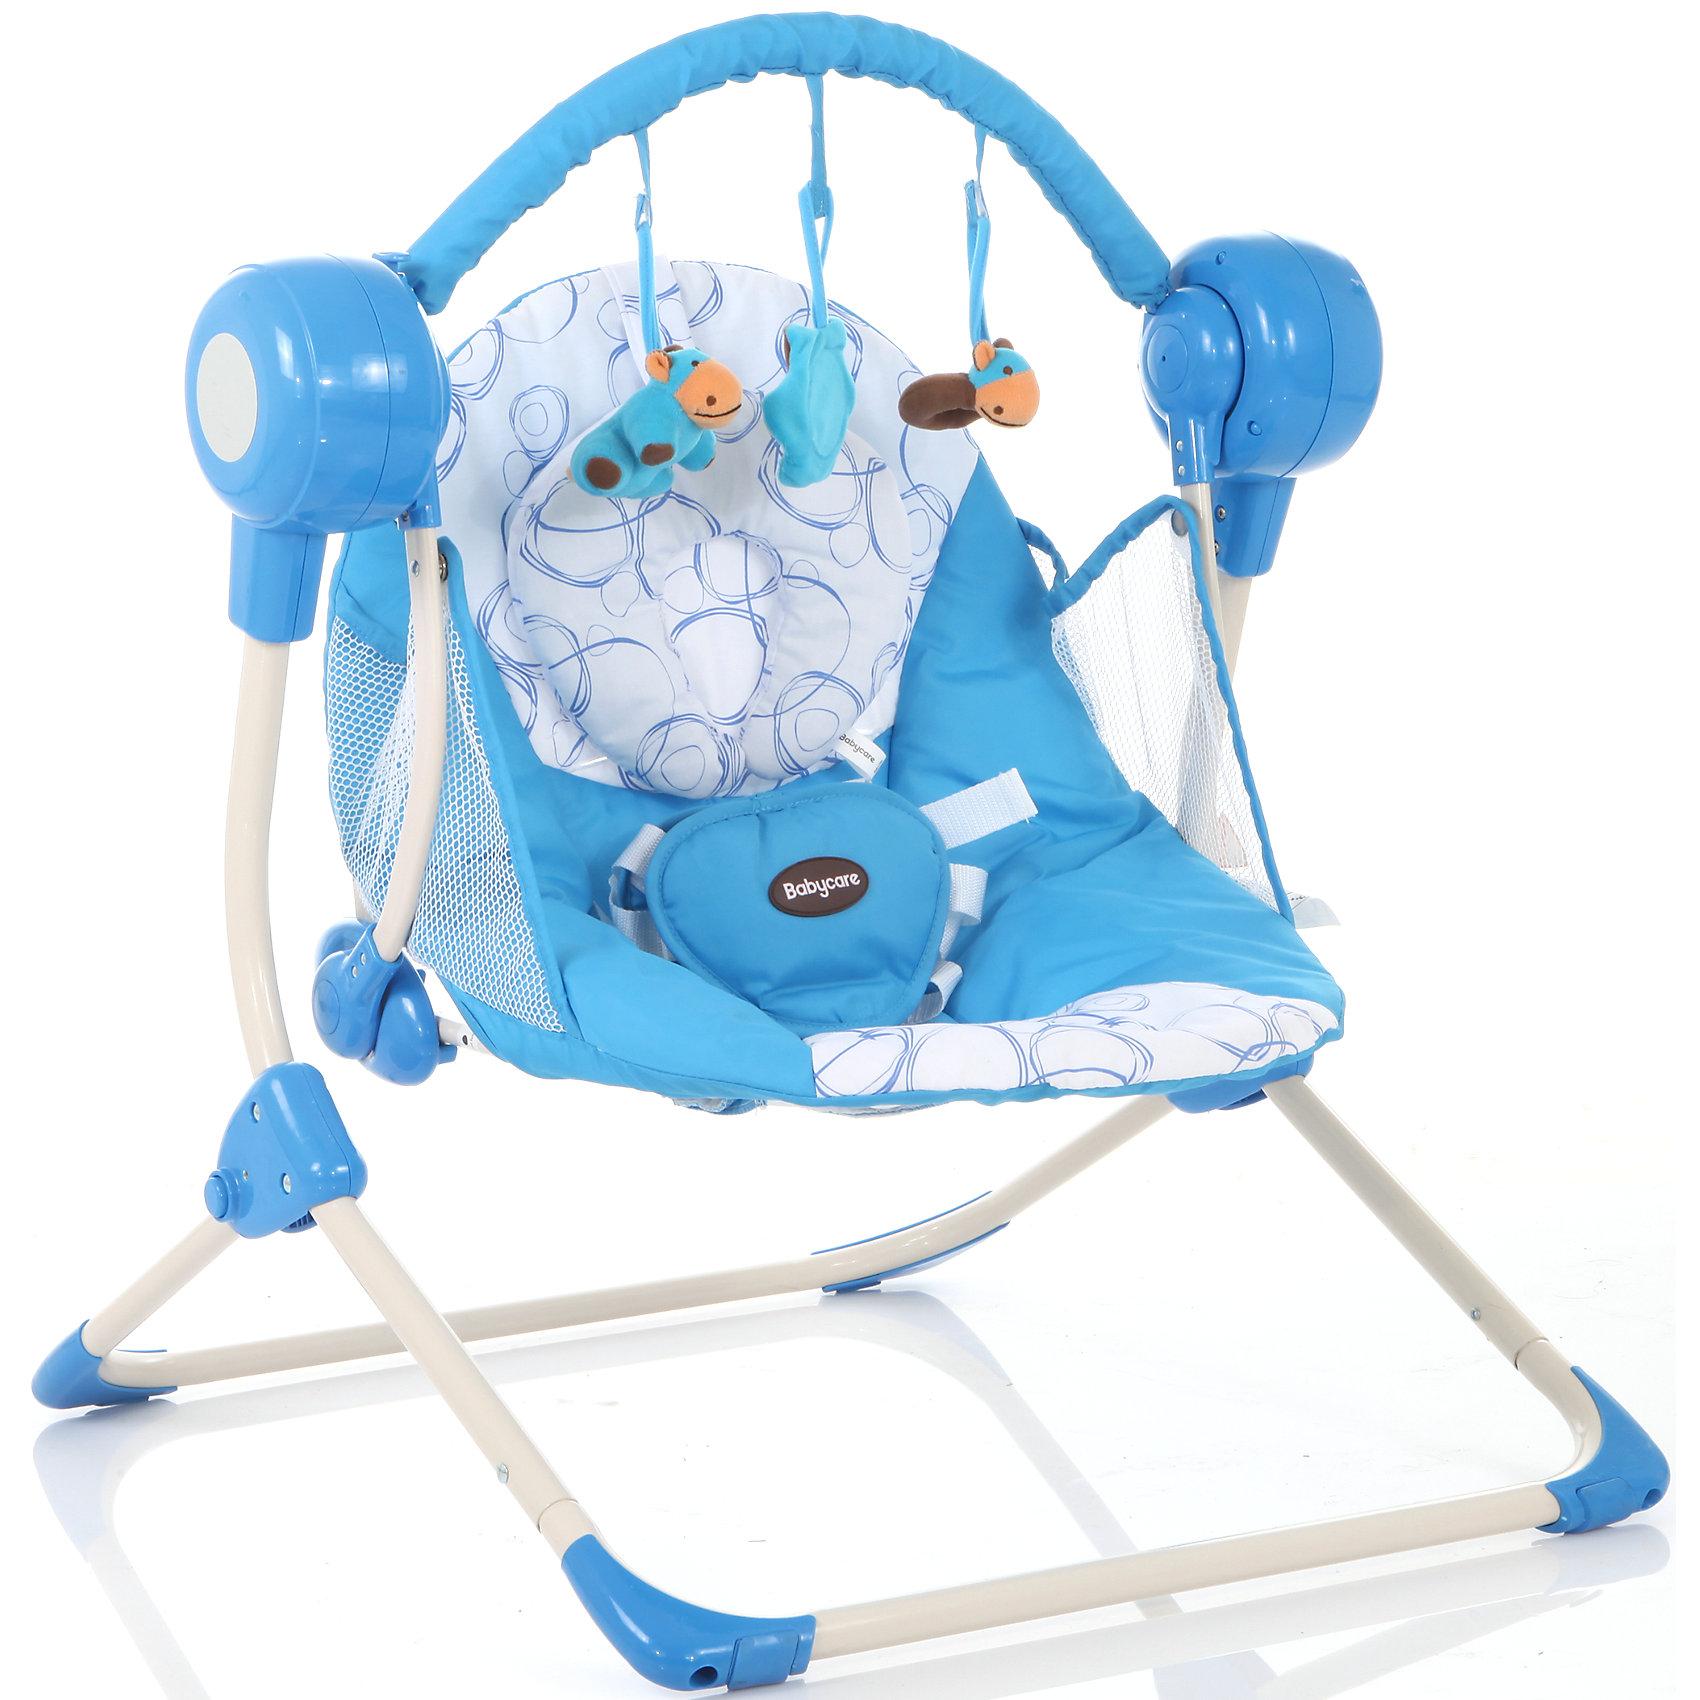 Кресло-качели Balancelle, Baby Care, синийКресла-качалки<br>Характеристики кресла-качели Balancelle Baby Care:<br><br>• регулируется угол наклона спинки: 2 положения;<br>• предусмотрено 5 скоростей качания;<br>• музыкальный блок: 16 мелодий;<br>• регулятор громкости;<br>• таймер, 10,15,30 минут, автоматическое отключение;<br>• наличие 5-ти точечных ремней безопасности, мягкий паховый ограничитель;<br>• съемная дуга с подвесными игрушками;<br>• чехол кресла-качели можно снять и постирать при температуре 30 градусов;<br>• материал: алюминий, пластик, полиэстер, резиновые накладки на опорной конструкции;<br>• компактность в сложенном виде.<br><br>Размер в разложенном виде: 50х61х60 см<br>Размер сидения: 48х68 см<br>Вес: 3,2 кг<br>Допустимый вес ребенка: до 12 кг, возраст - до 8 месяцев.<br><br>Кресло-качели Baby Care Balancelle с вибро-музыкальным блоком устанавливается ровную поверхность. Для безопасности ребенка предусмотрены ремни безопасности. Во время пребывания в креслице, малыш изучает и рассматривает мягкие подвесные игрушки.<br><br>Комплектация:<br><br>• кресло-качели Balancelle;<br>• вибро-музыкальный блок;<br>• дуга с подвесными игрушками;<br>• съемная подушечка-подголовник, крепится на липучке;<br>• сетевой адаптер;<br>• инструкция.<br><br>Кресло-качели Balancelle, Baby Care, синий можно купить в нашем интернет-магазине.<br><br>Ширина мм: 620<br>Глубина мм: 470<br>Высота мм: 370<br>Вес г: 10800<br>Возраст от месяцев: 0<br>Возраст до месяцев: 8<br>Пол: Мужской<br>Возраст: Детский<br>SKU: 4028901